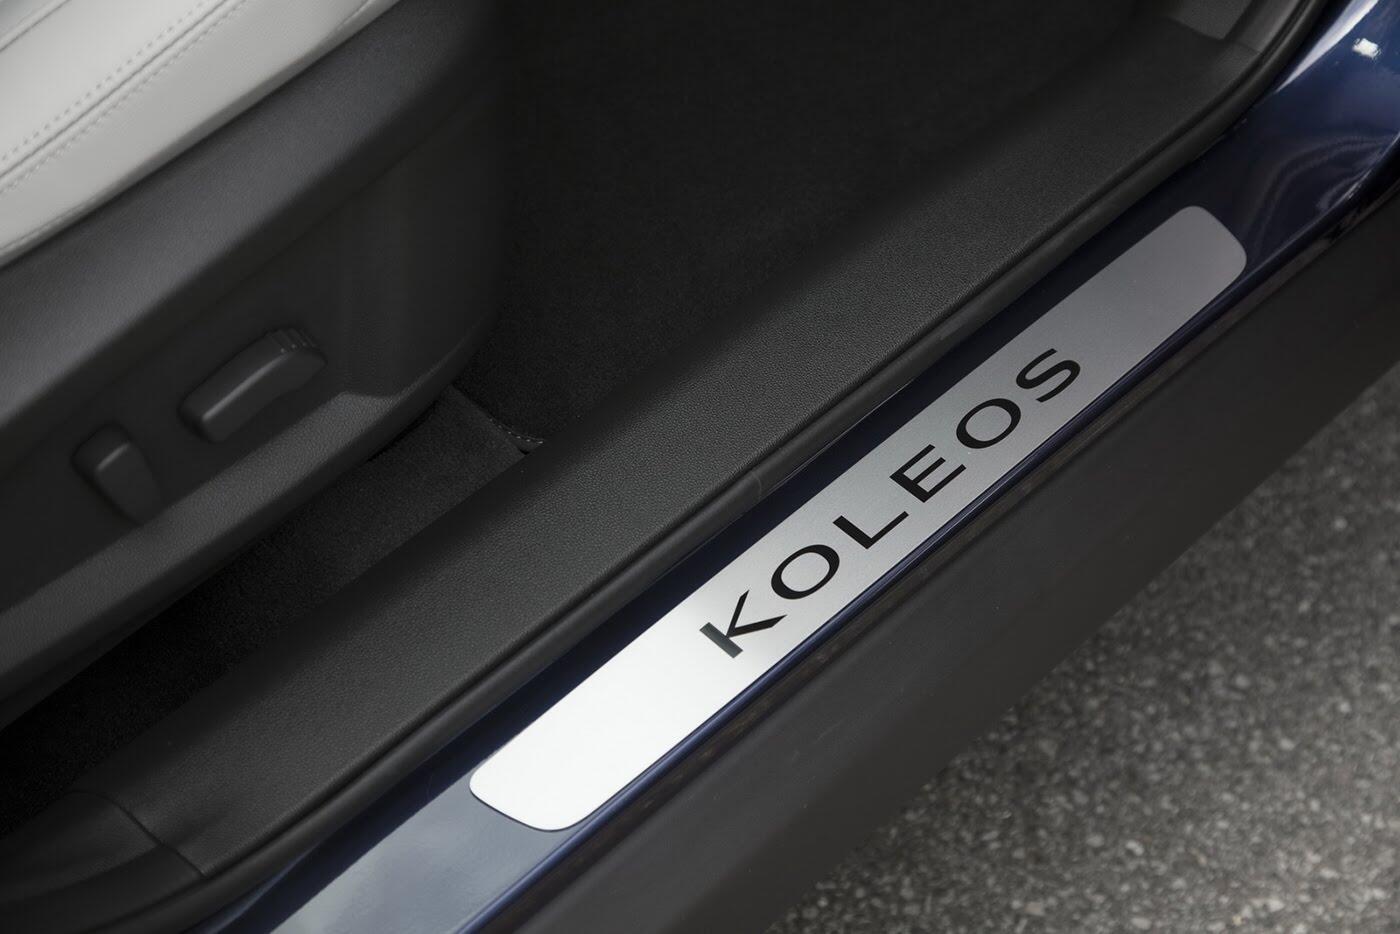 Xem thêm ảnh Renault Koleos 2017 - Hình 20